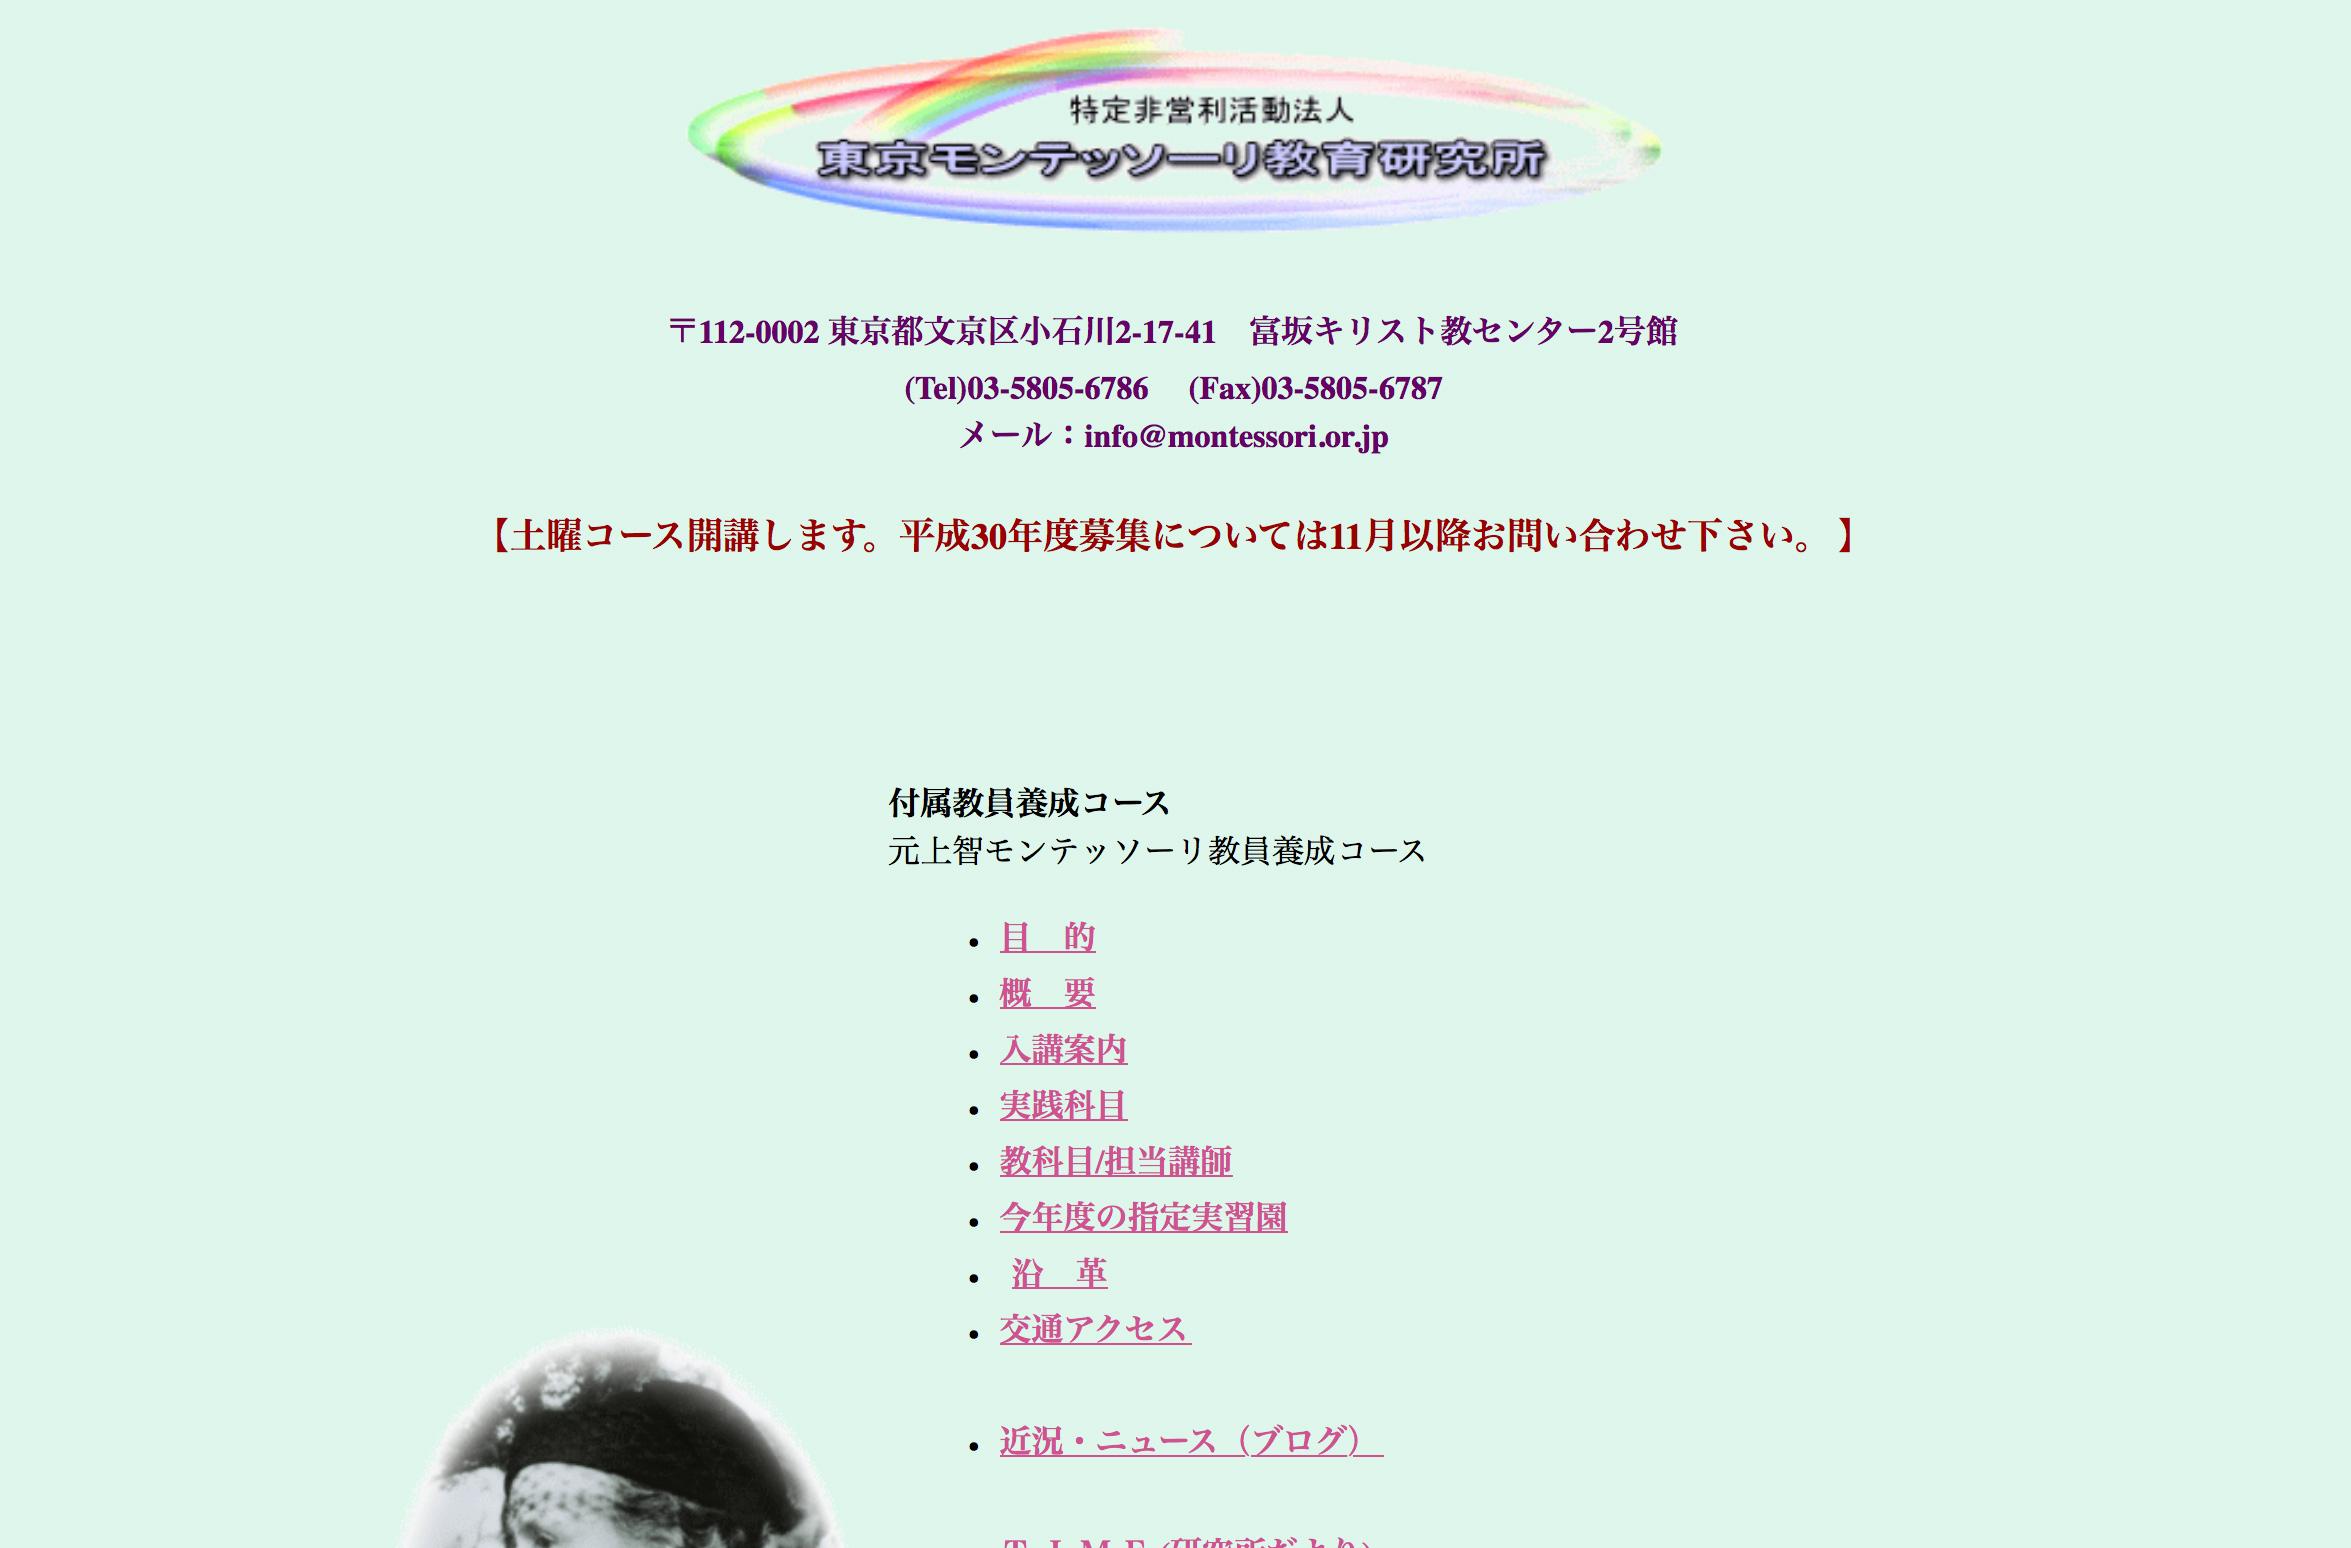 NPO法人東京モンテッソーリ教育研究所のホームページ